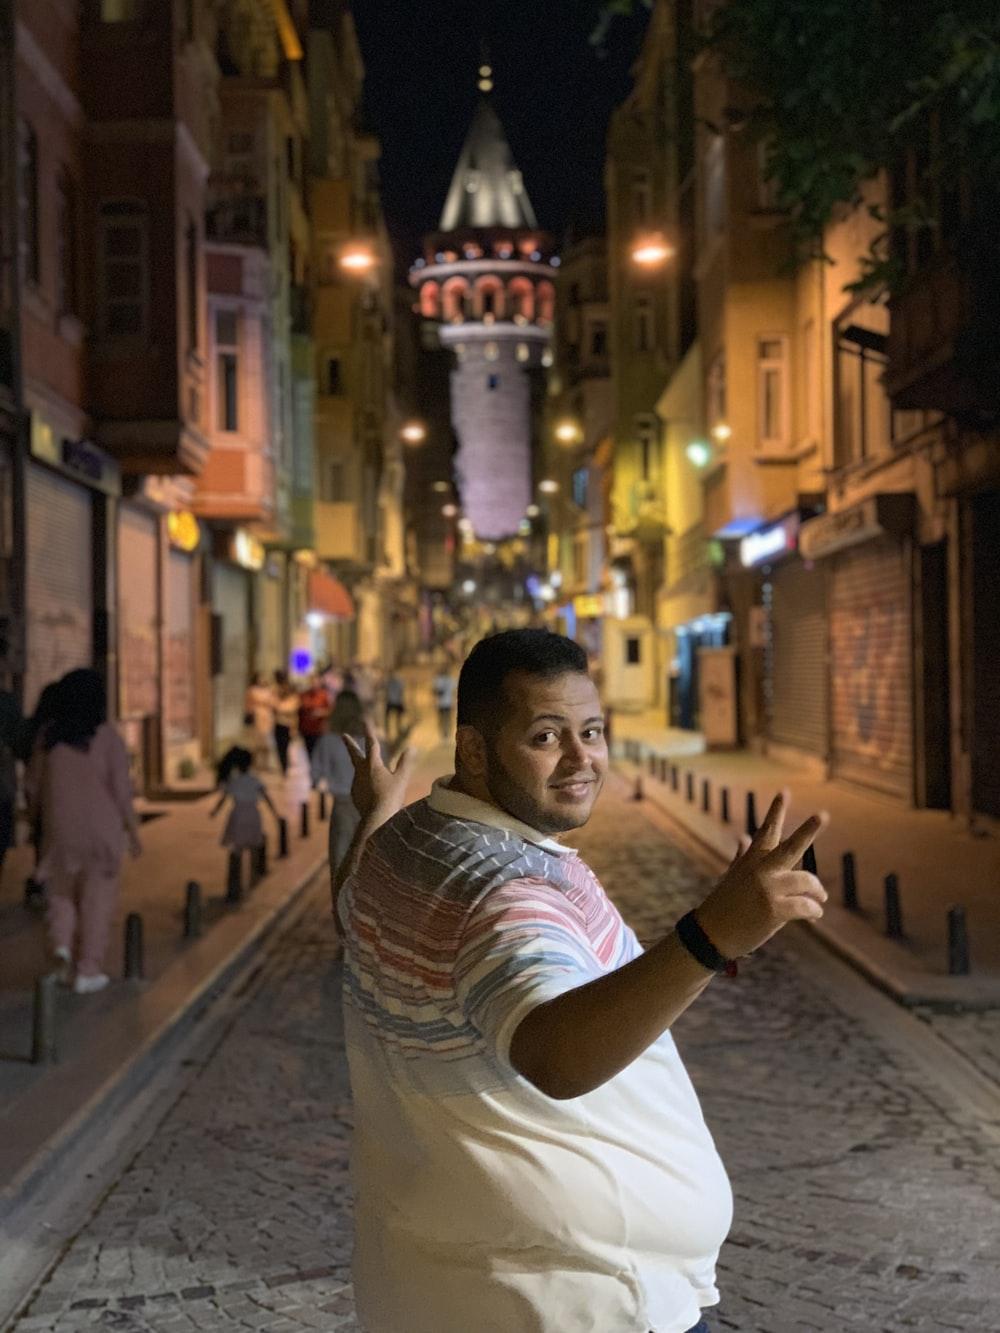 man walking in road between buildings